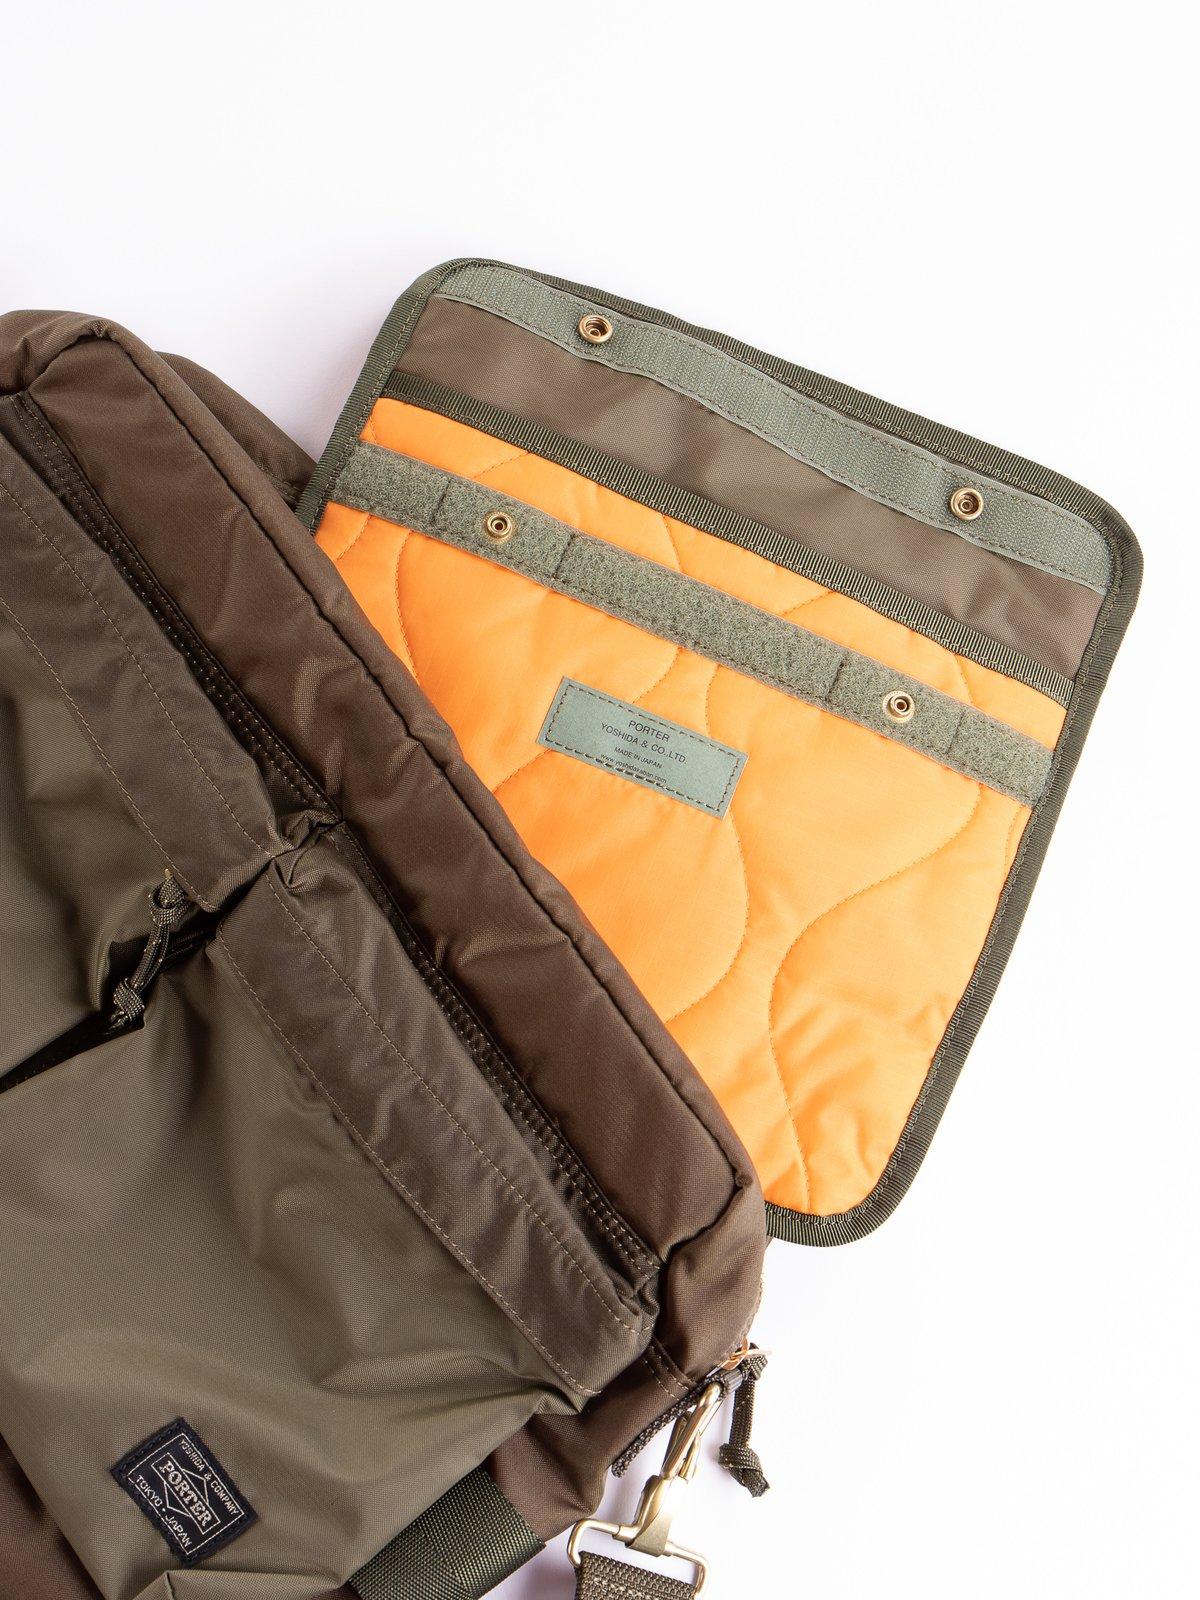 Olive Drab Medium Force Shoulder Bag - Image 4